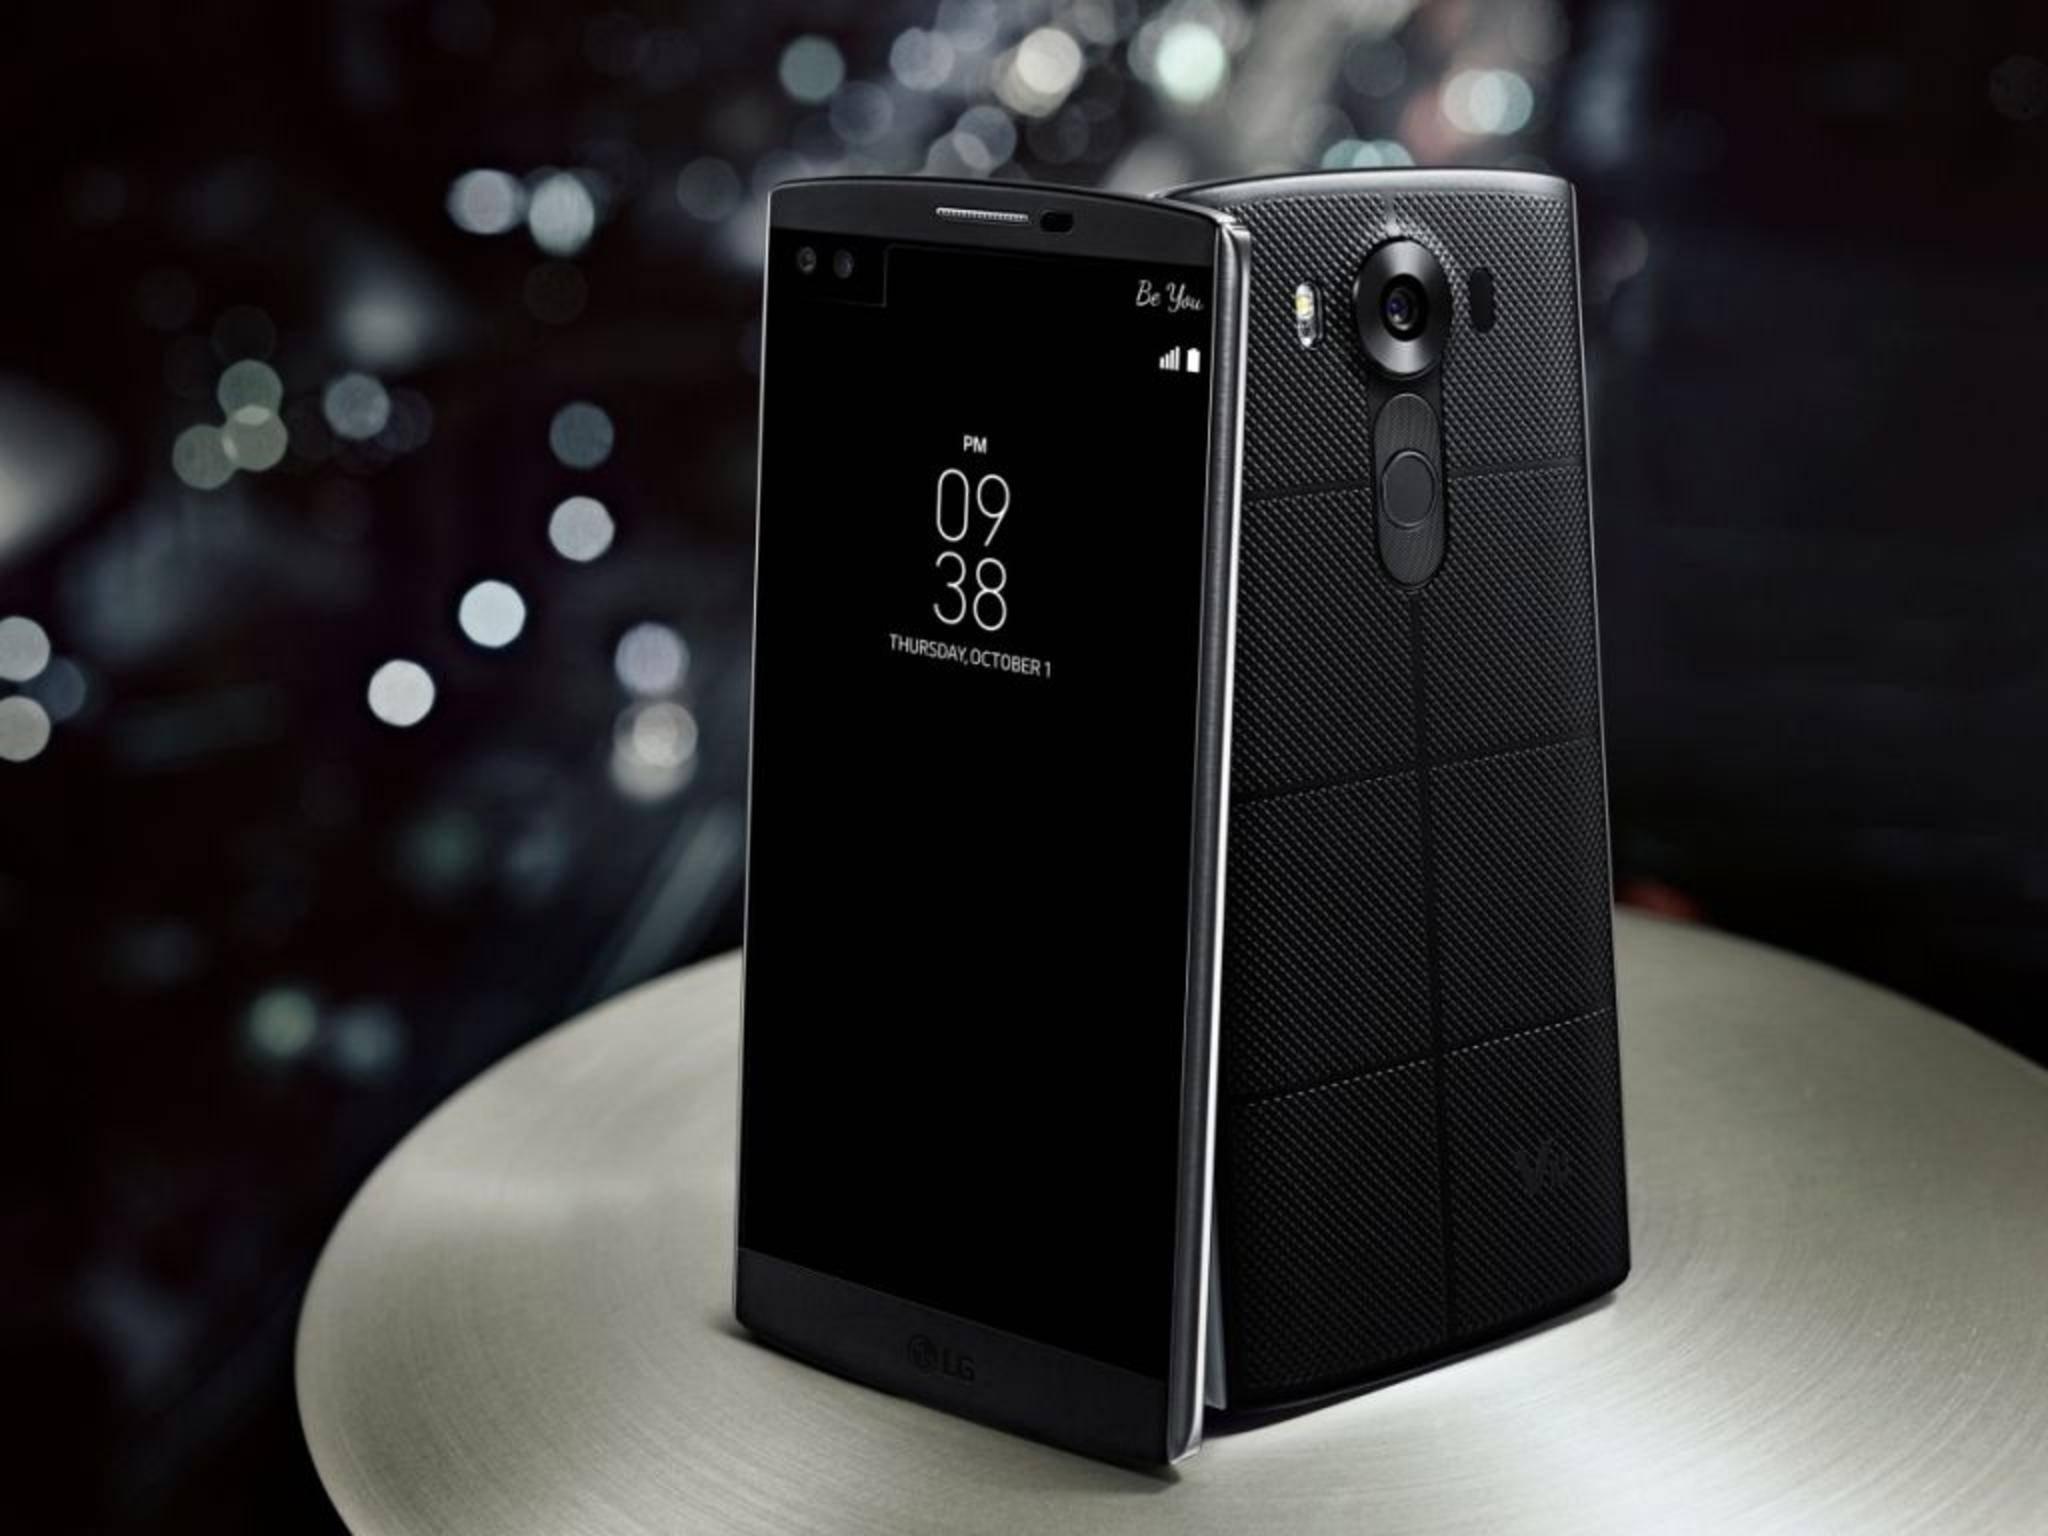 Wie das LG V10 soll auch das LG G5 ein zusätzliches Ticker-Display bieten.